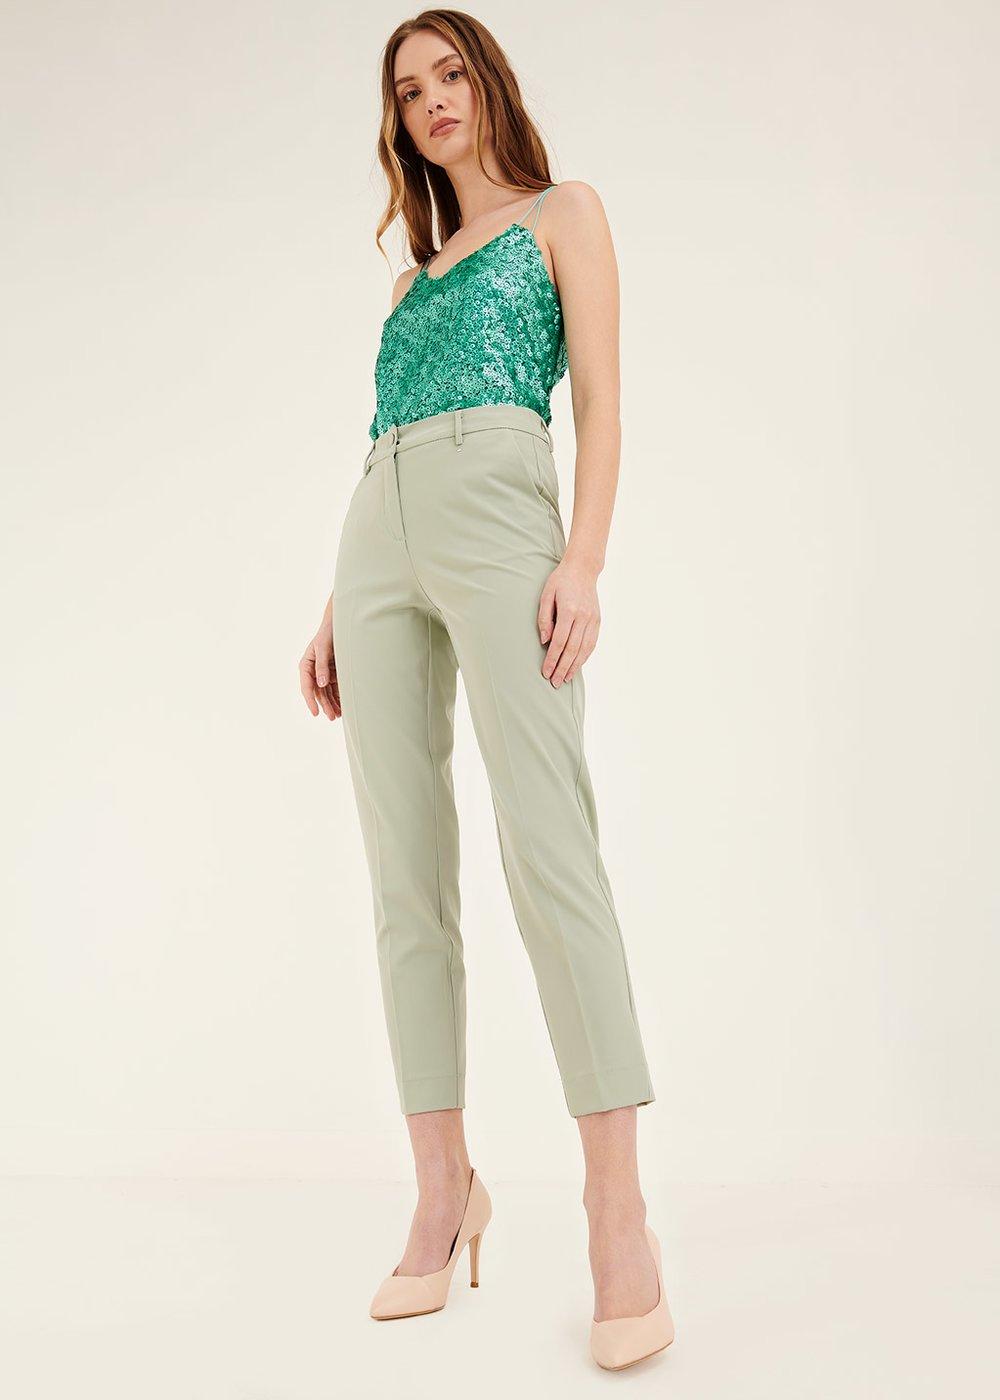 Pantalone Modello Alice tasche uomo - Argilla - Donna